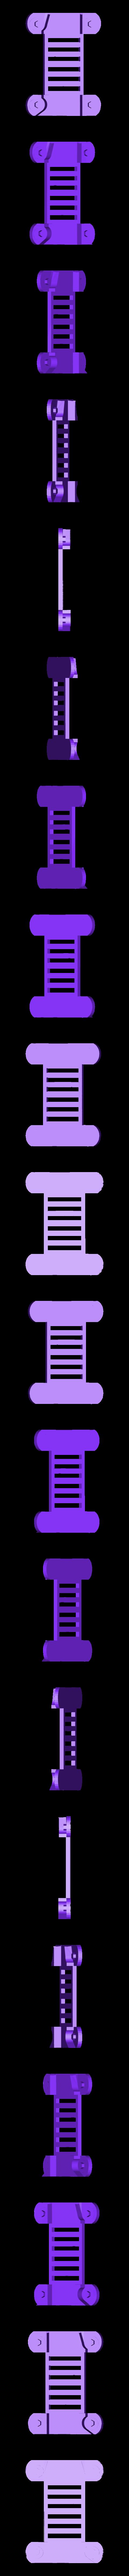 bottom1.stl Télécharger fichier STL gratuit Châssis pliable - moteurs de 7 mm[Pas besoin de vis]. • Design imprimable en 3D, Gophy